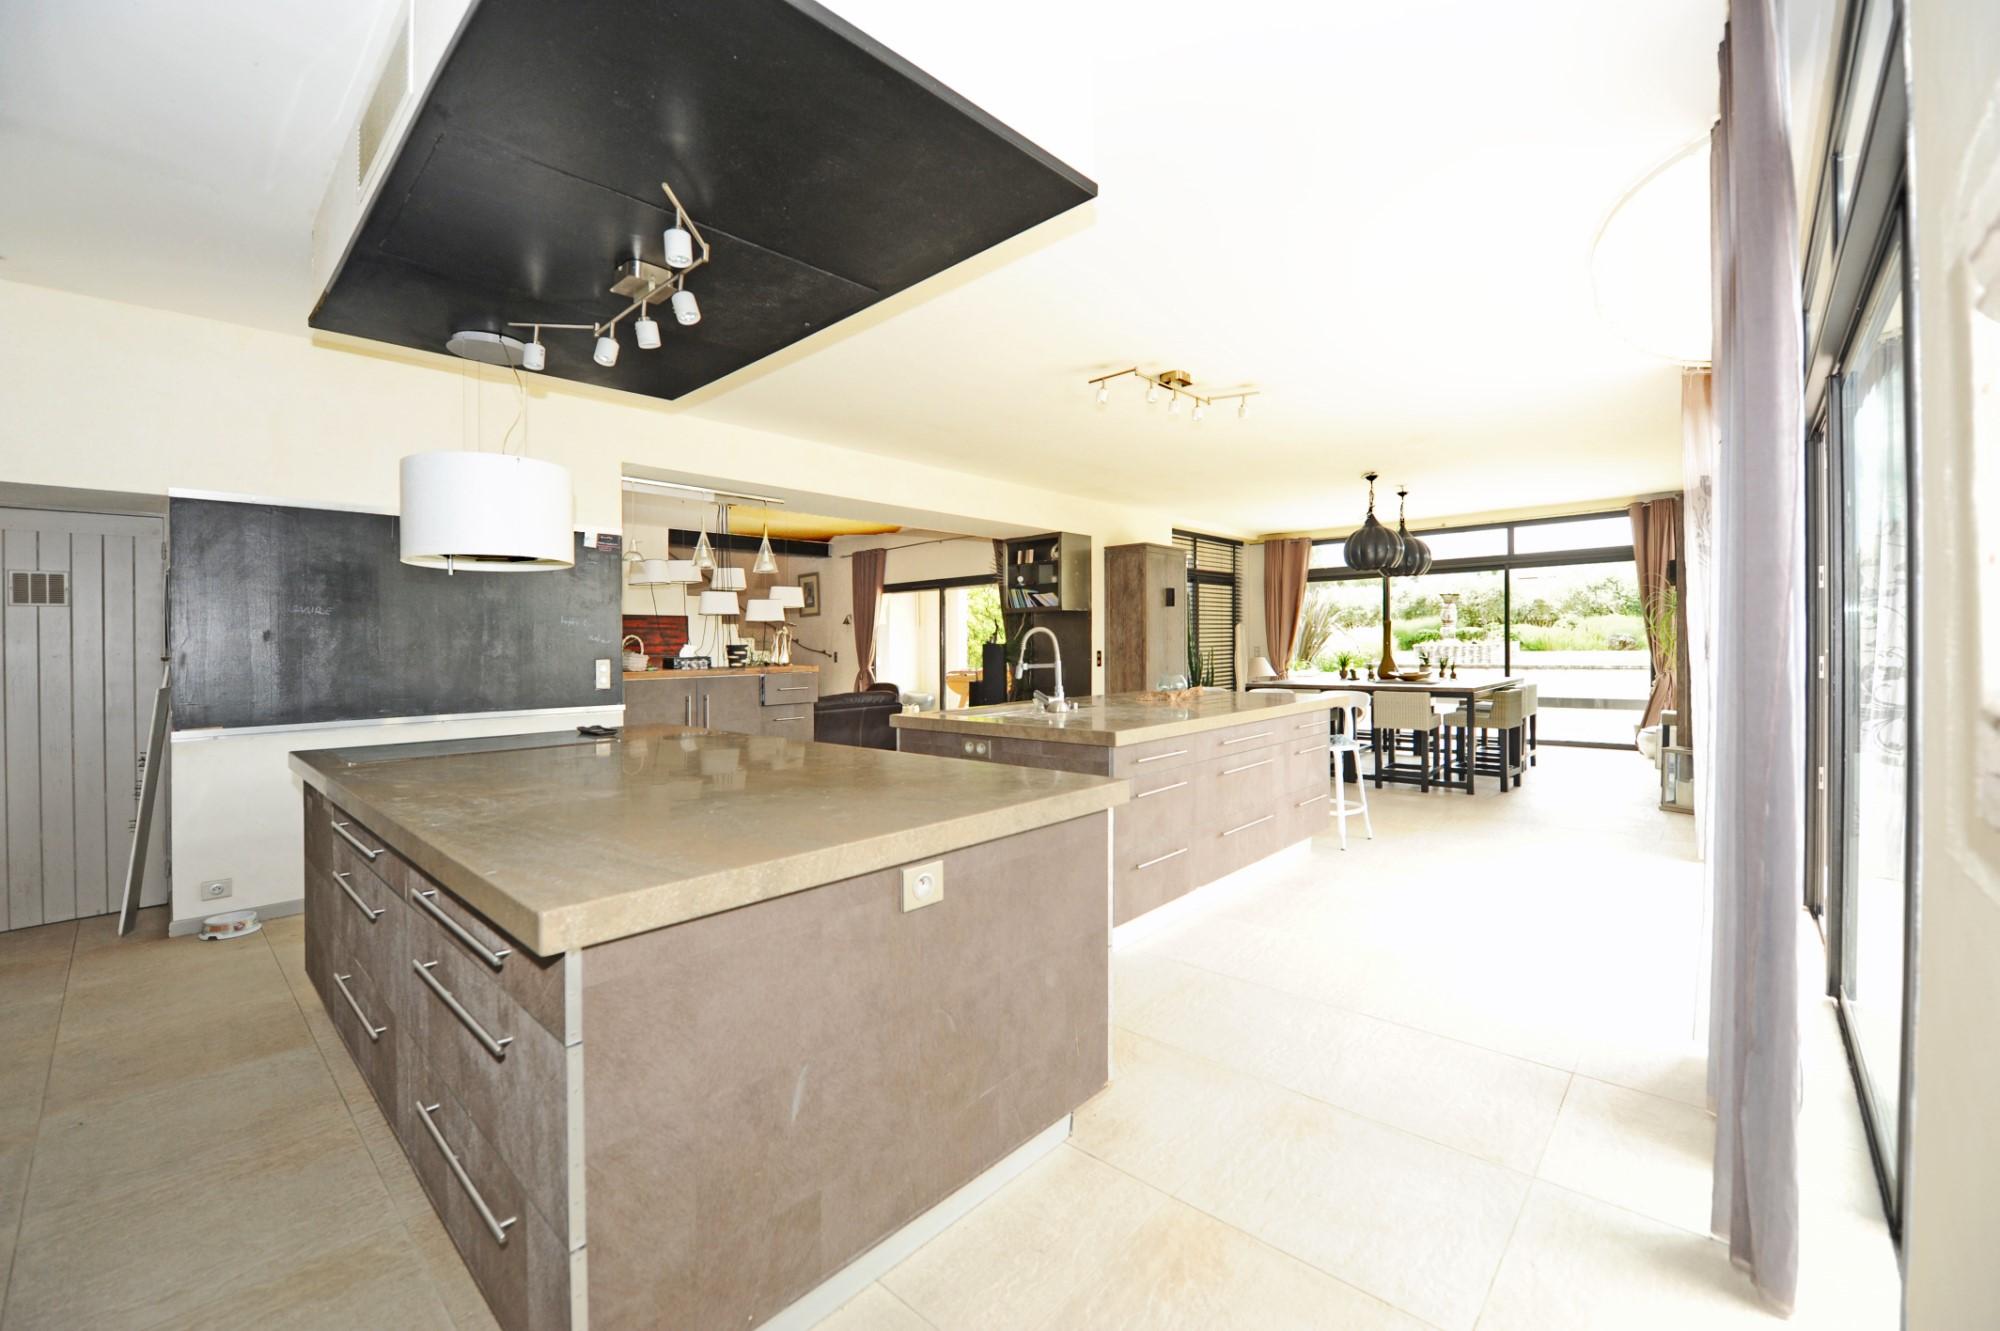 A vendre à St Rémy de Provence, maison d'architecte avec piscine, jacuzzi et half-court